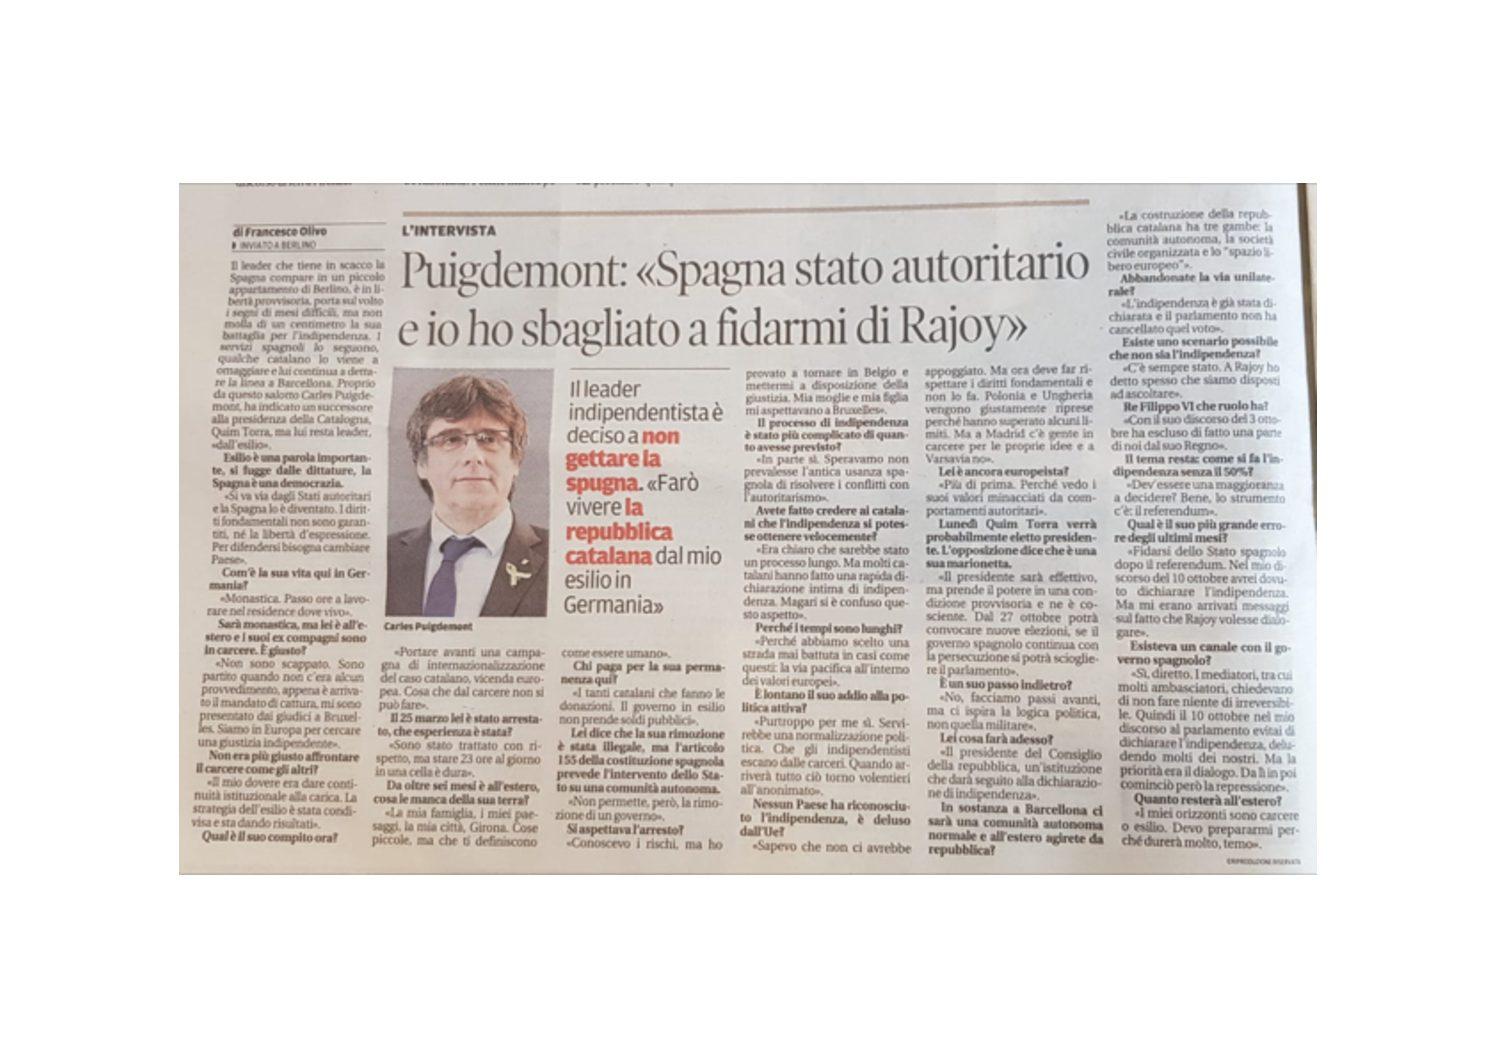 """Puigdement: """"Spagna stato autoritario e io ho sbagliato a fidarmi di Rajoy"""""""